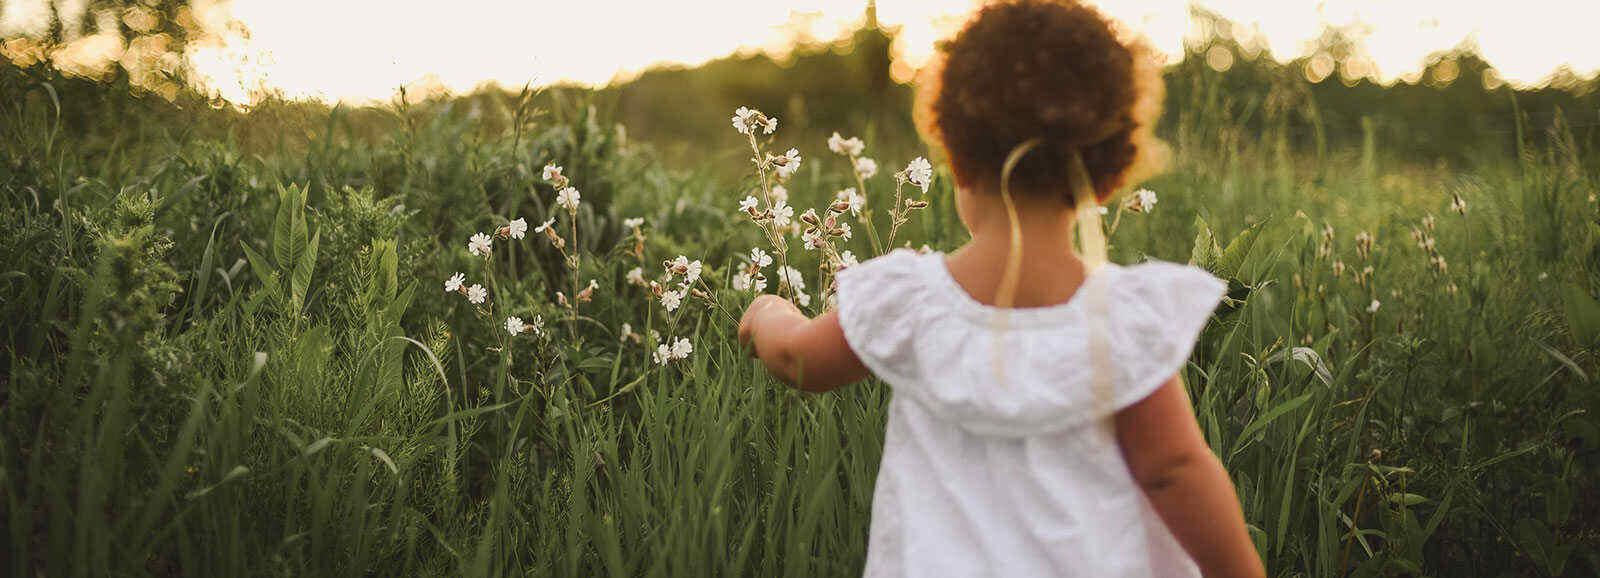 petite fille en robe blanche, qui regarde des fleurs des champs